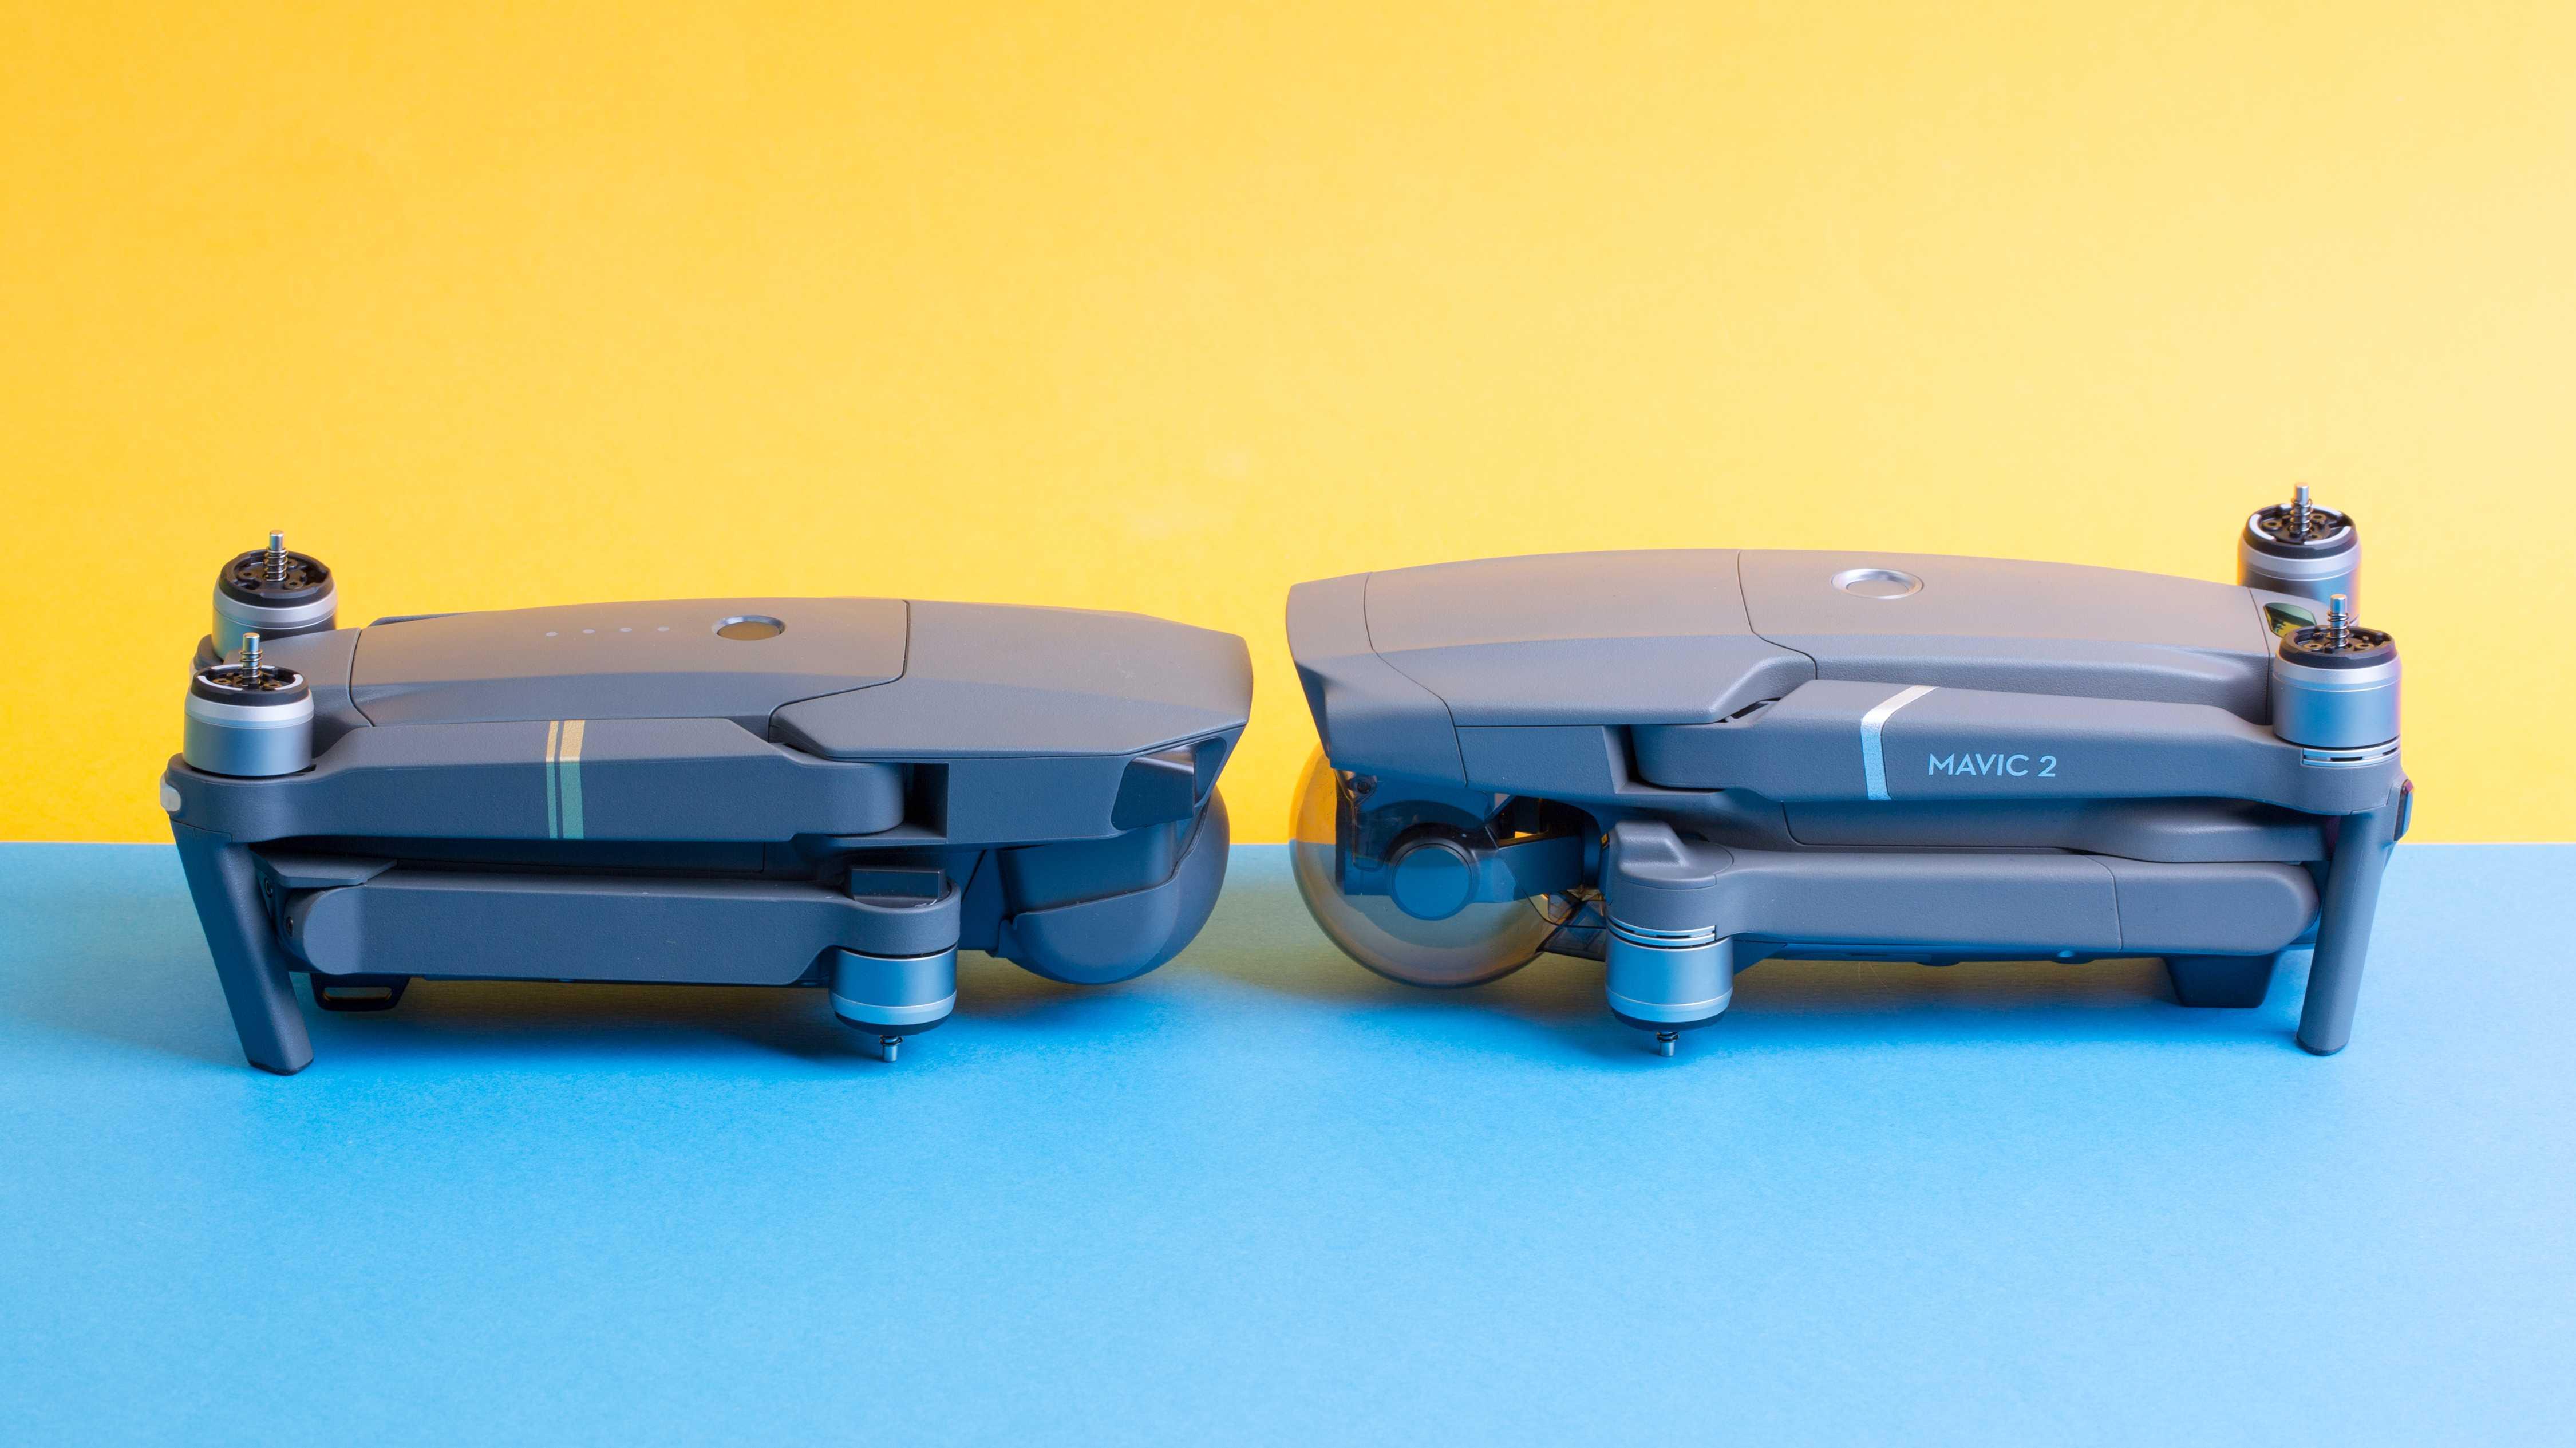 Pro, Air oder Zoom: Welche DJI Mavic ist für wen geeignet?